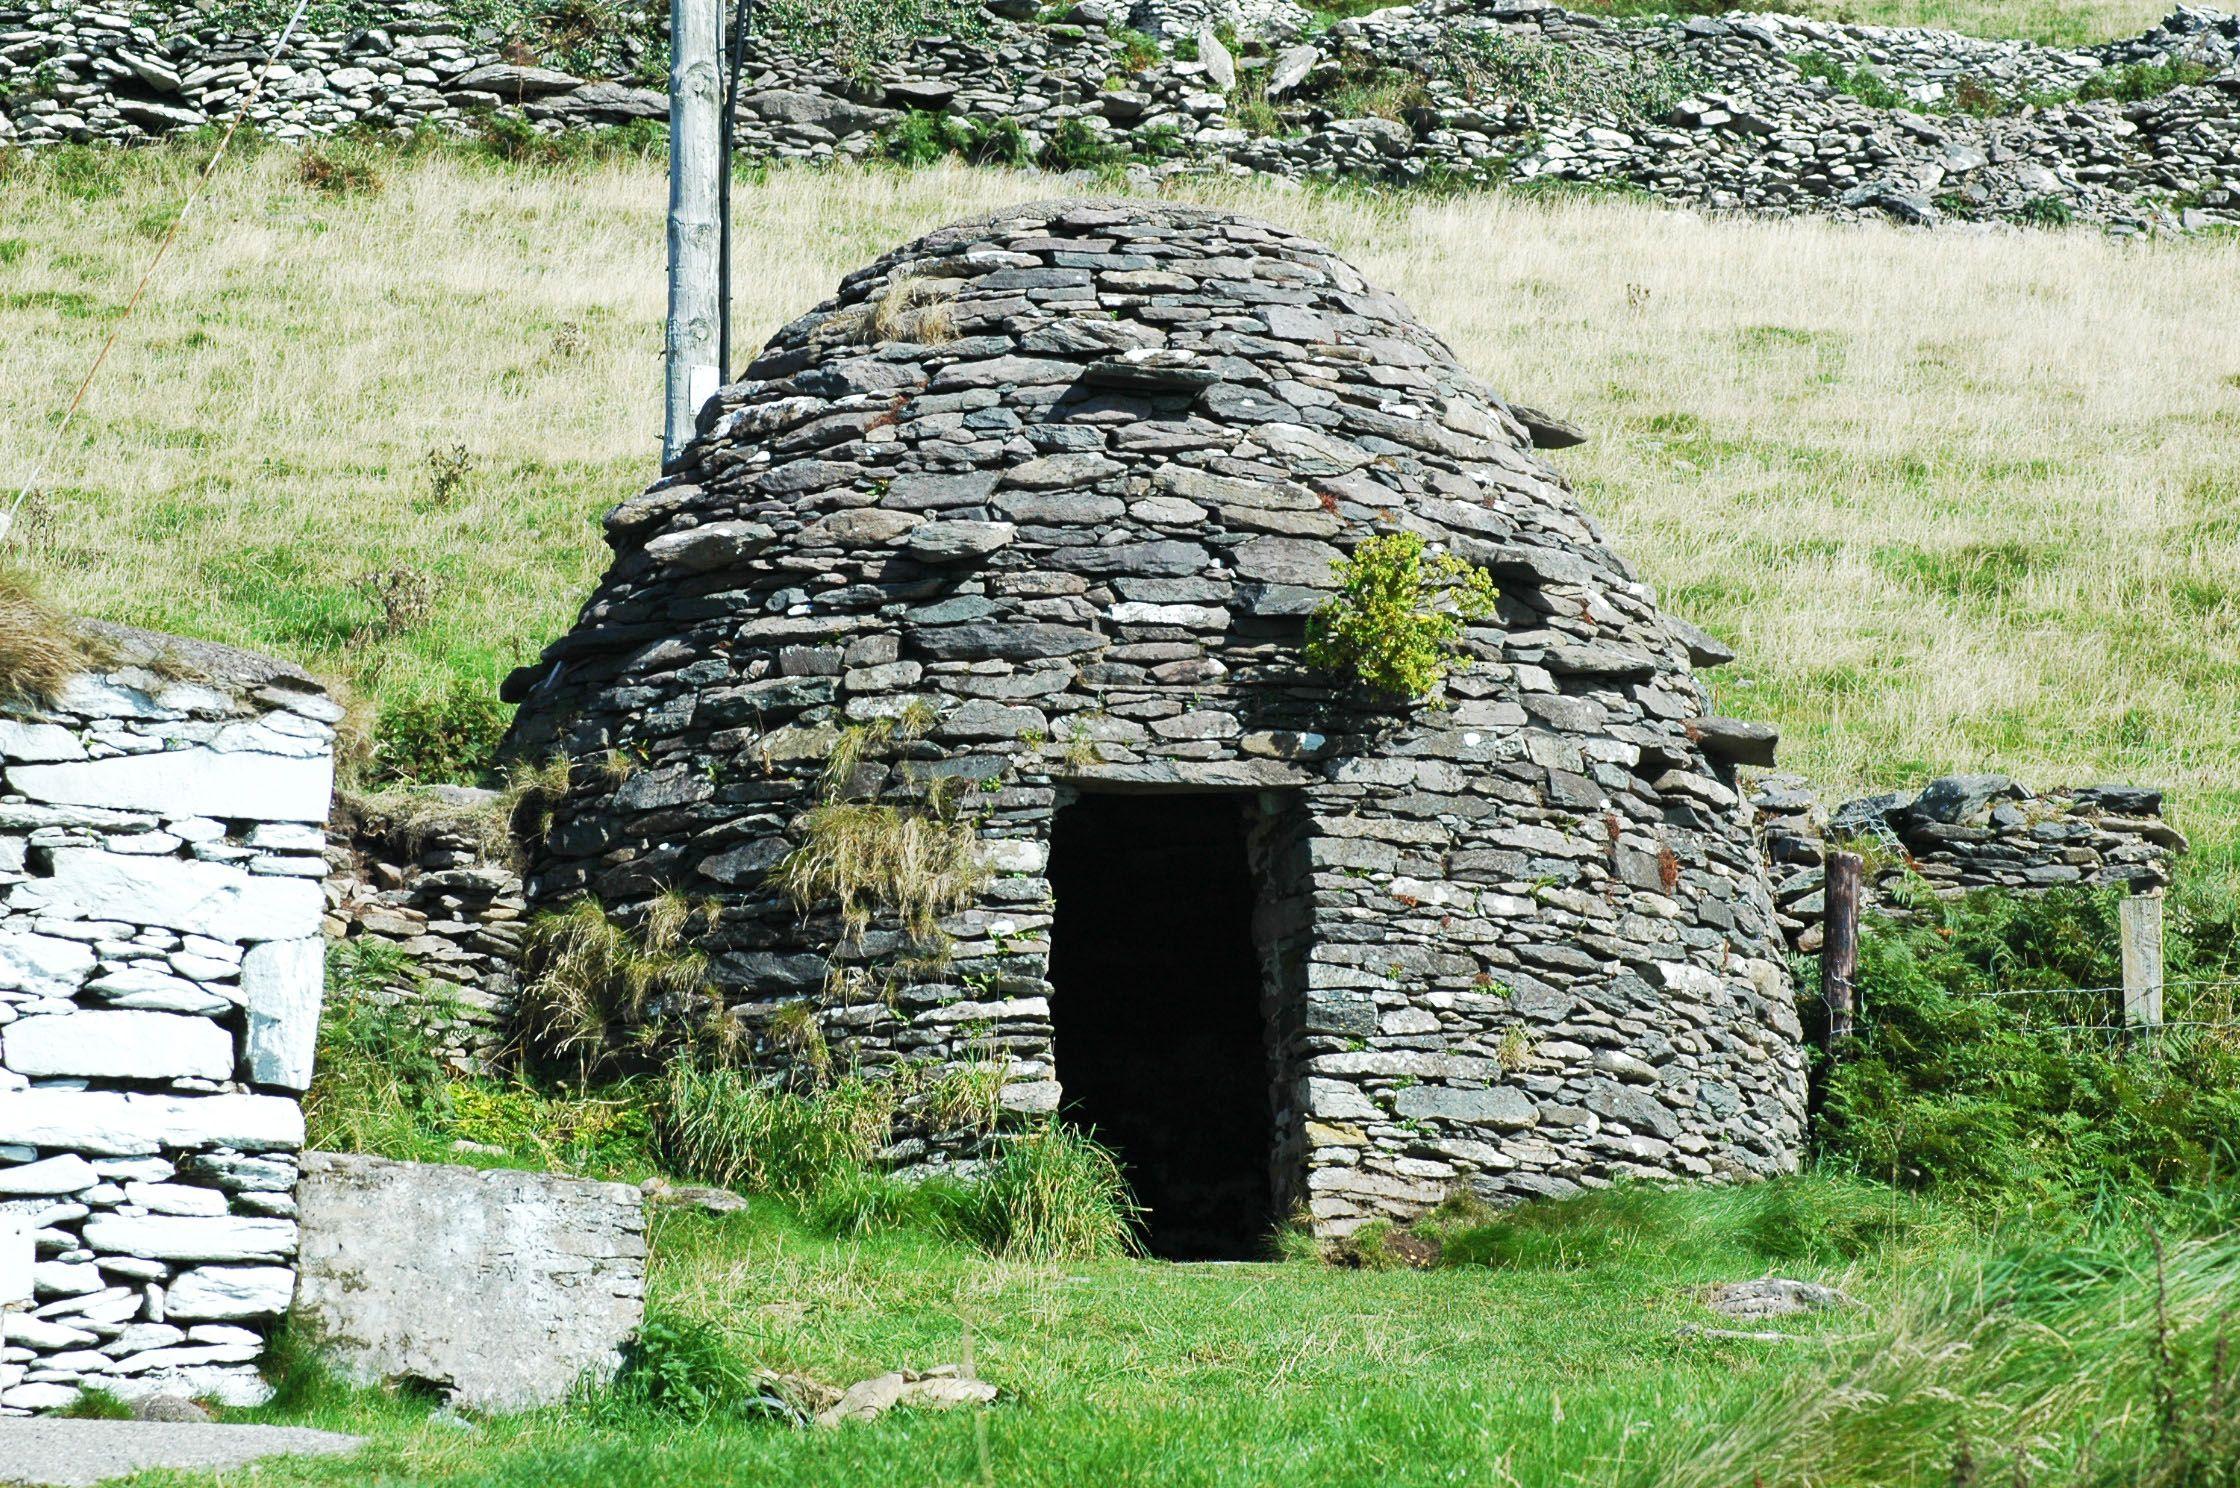 Monastic beehive hut on Dingle Peninsula Fairytale house